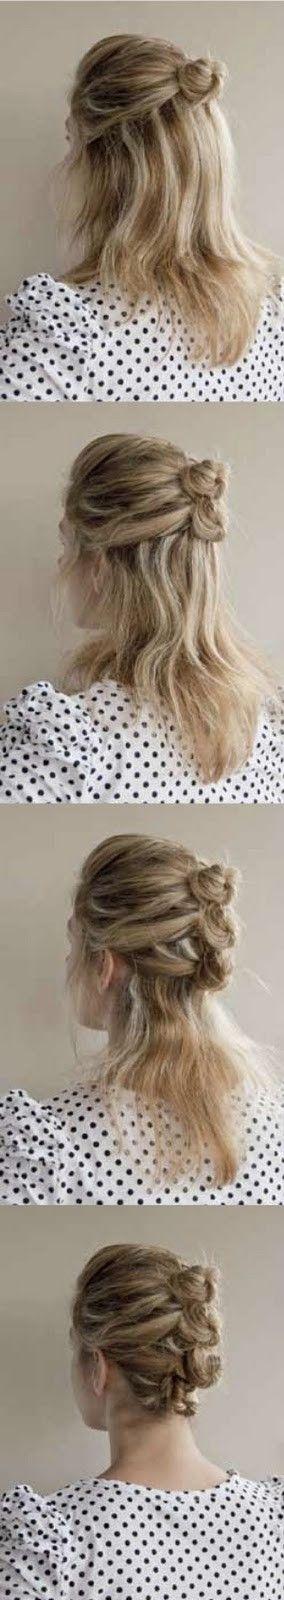 Mini-bun hairstyle